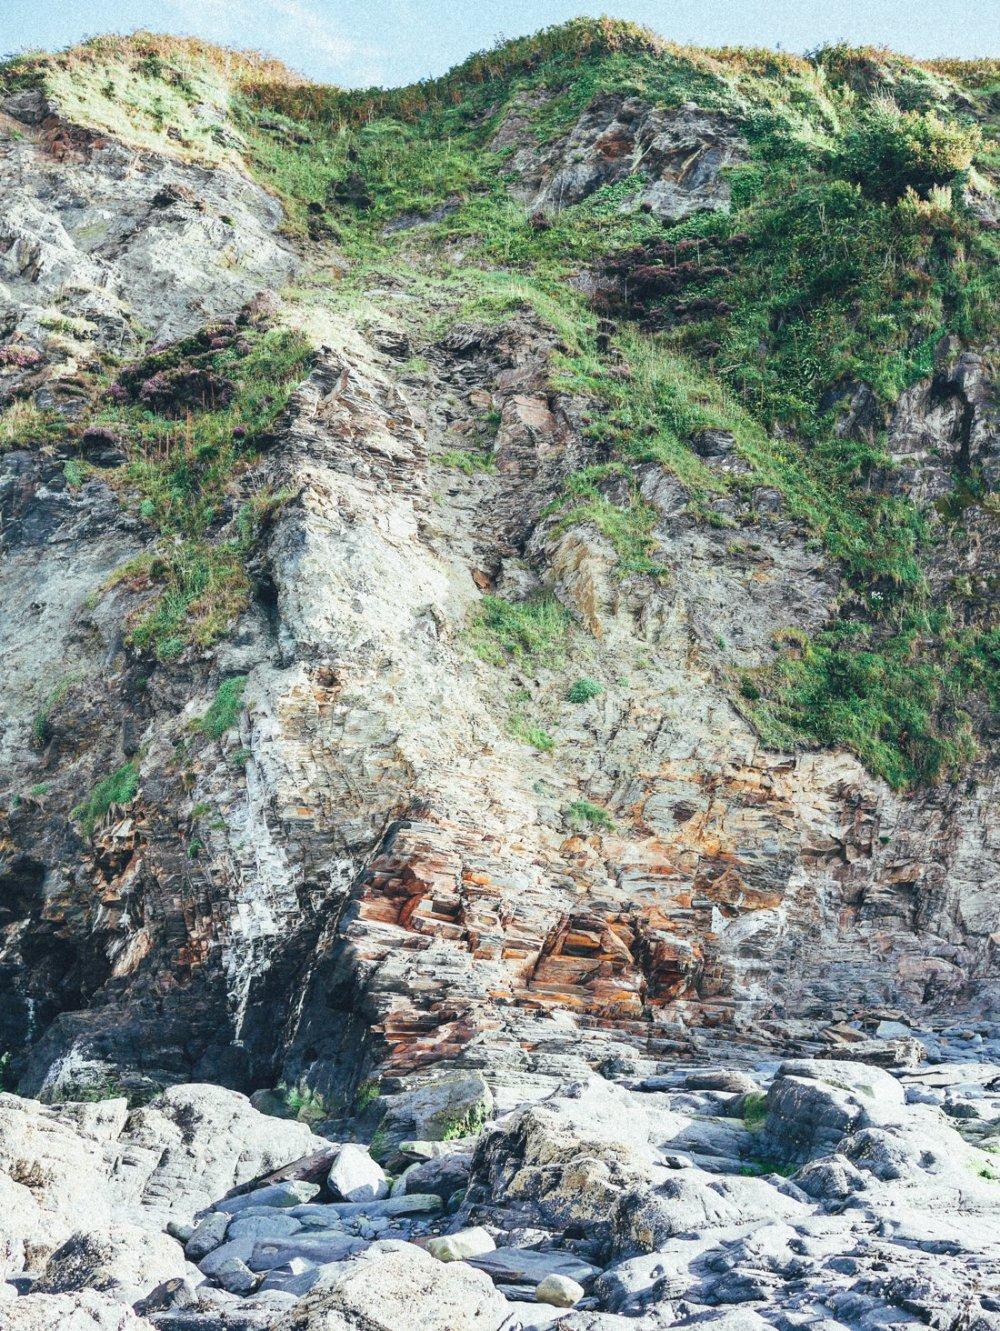 Tresaith Beach, Wales, UK Exploring the UK Coastline on Hand Luggage Only Blog (12)